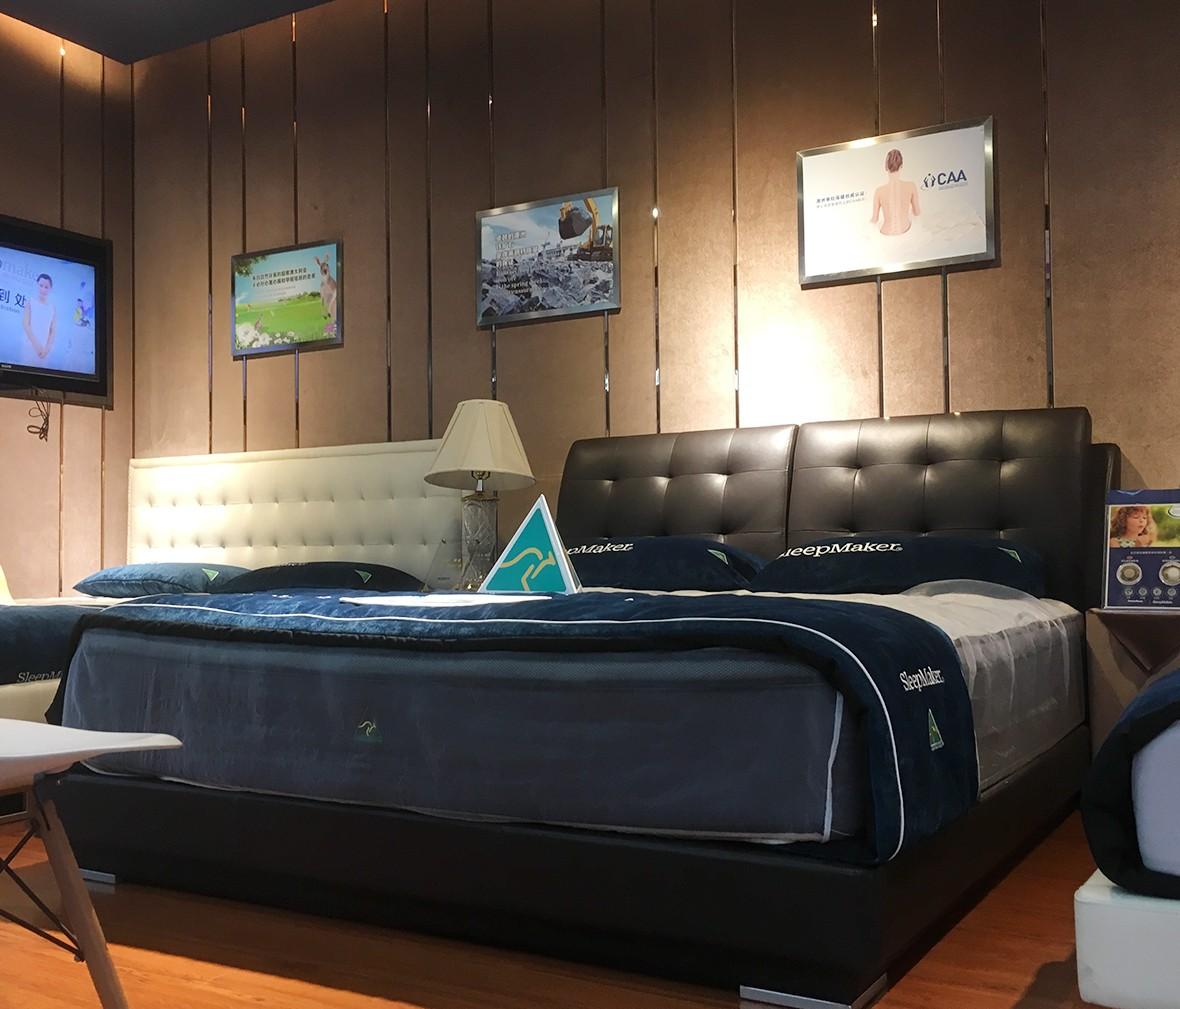 造梦者  YS1164+和谐床垫  马来西亚进口材质床图片、价格、品牌、评测样样齐全!【蓝景商城正品行货,蓝景丽家大钟寺家居广场提货,北京地区配送,领券更优惠,线上线下同品同价,立即购买享受更多优惠哦!】